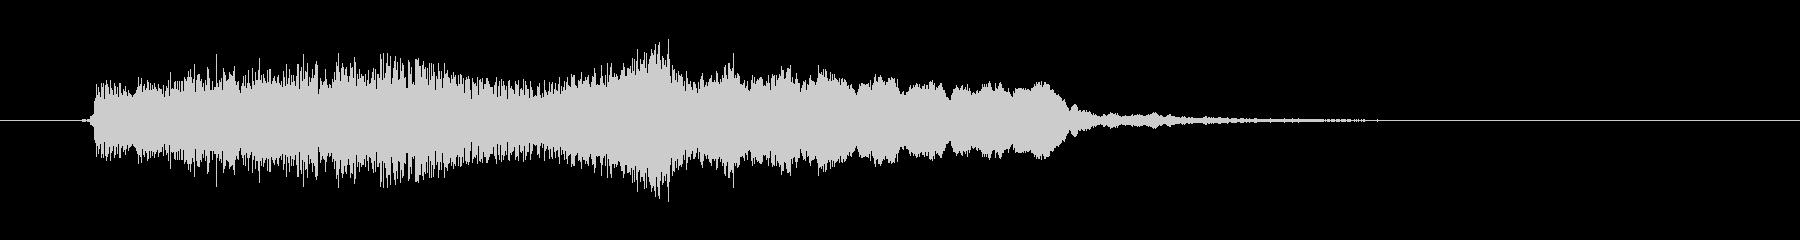 箏(琴)ジャラーン 上行〜尺八の未再生の波形